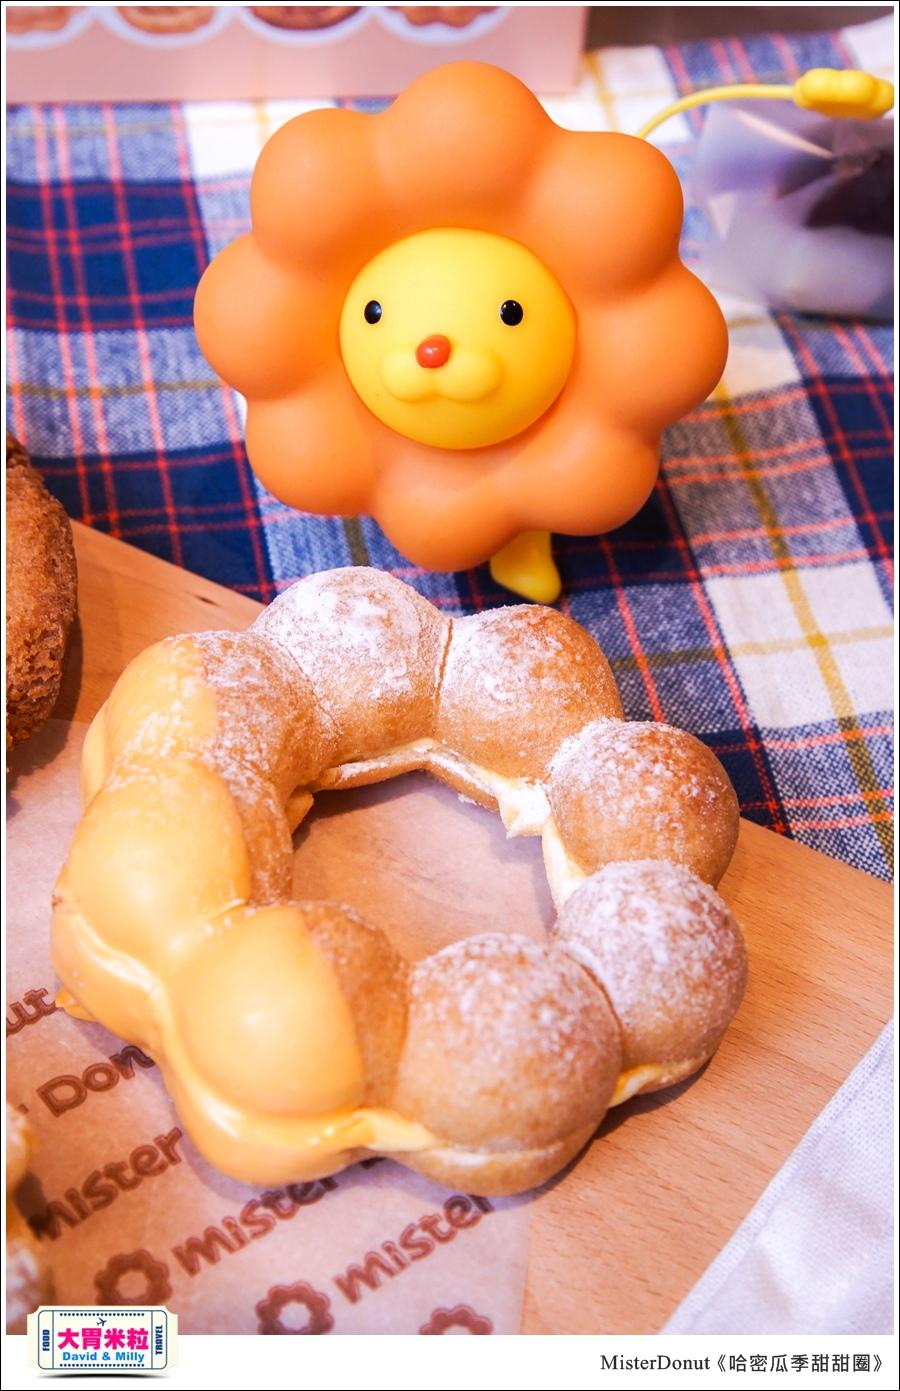 高雄甜甜圈推薦@MisterDonut統一多拿滋-哈密瓜季甜甜圈@大胃米粒015.jpg